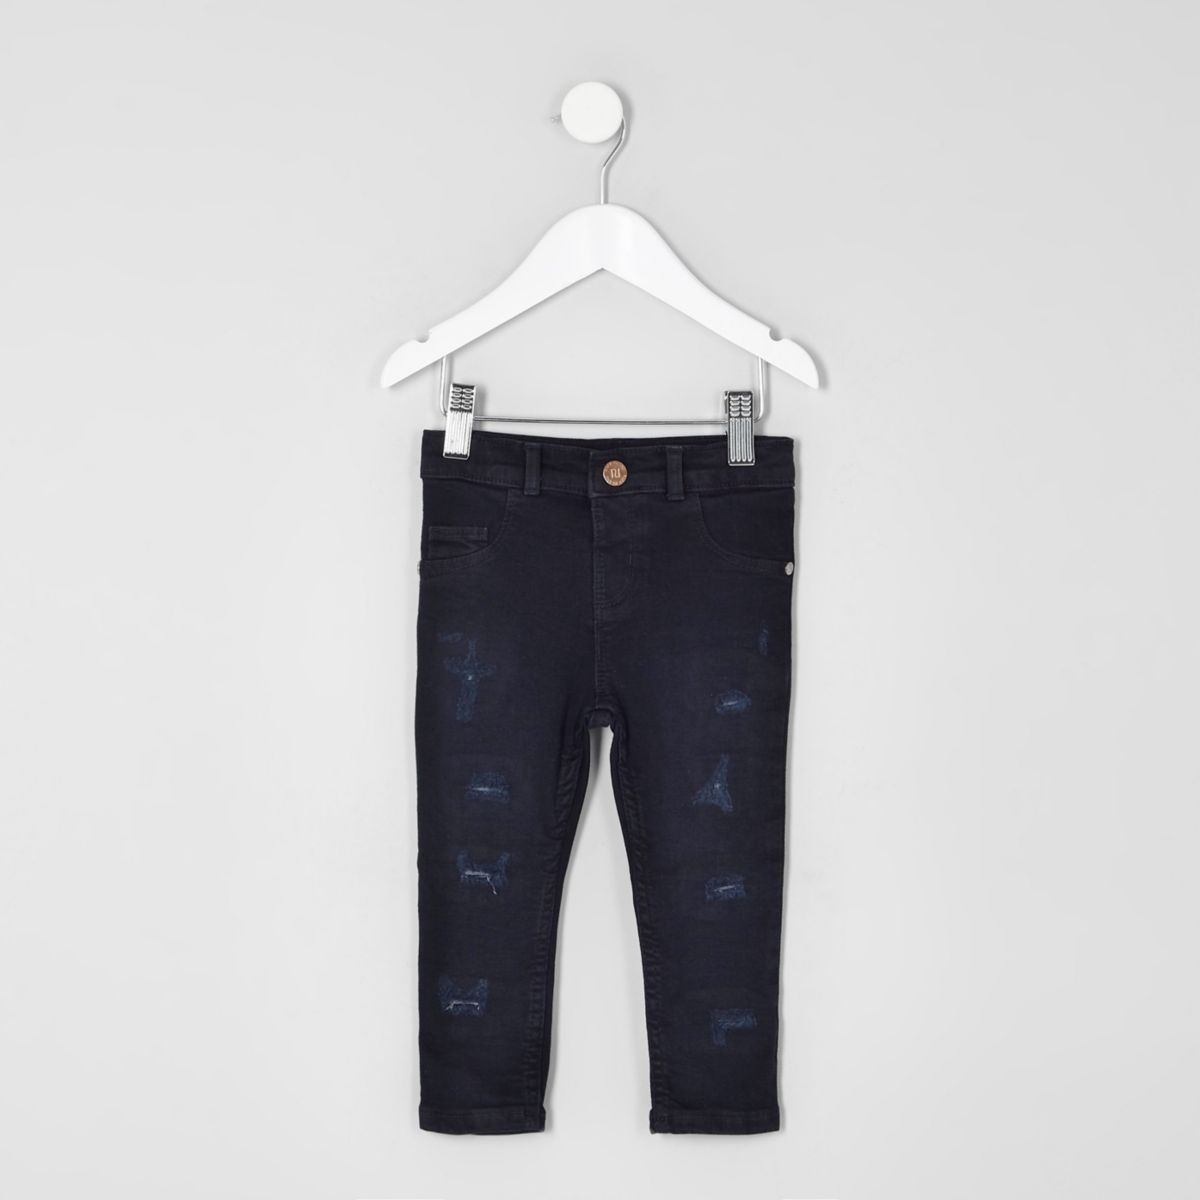 Mini - Molly - Donkerblauwe skinny jeans voor meisjes